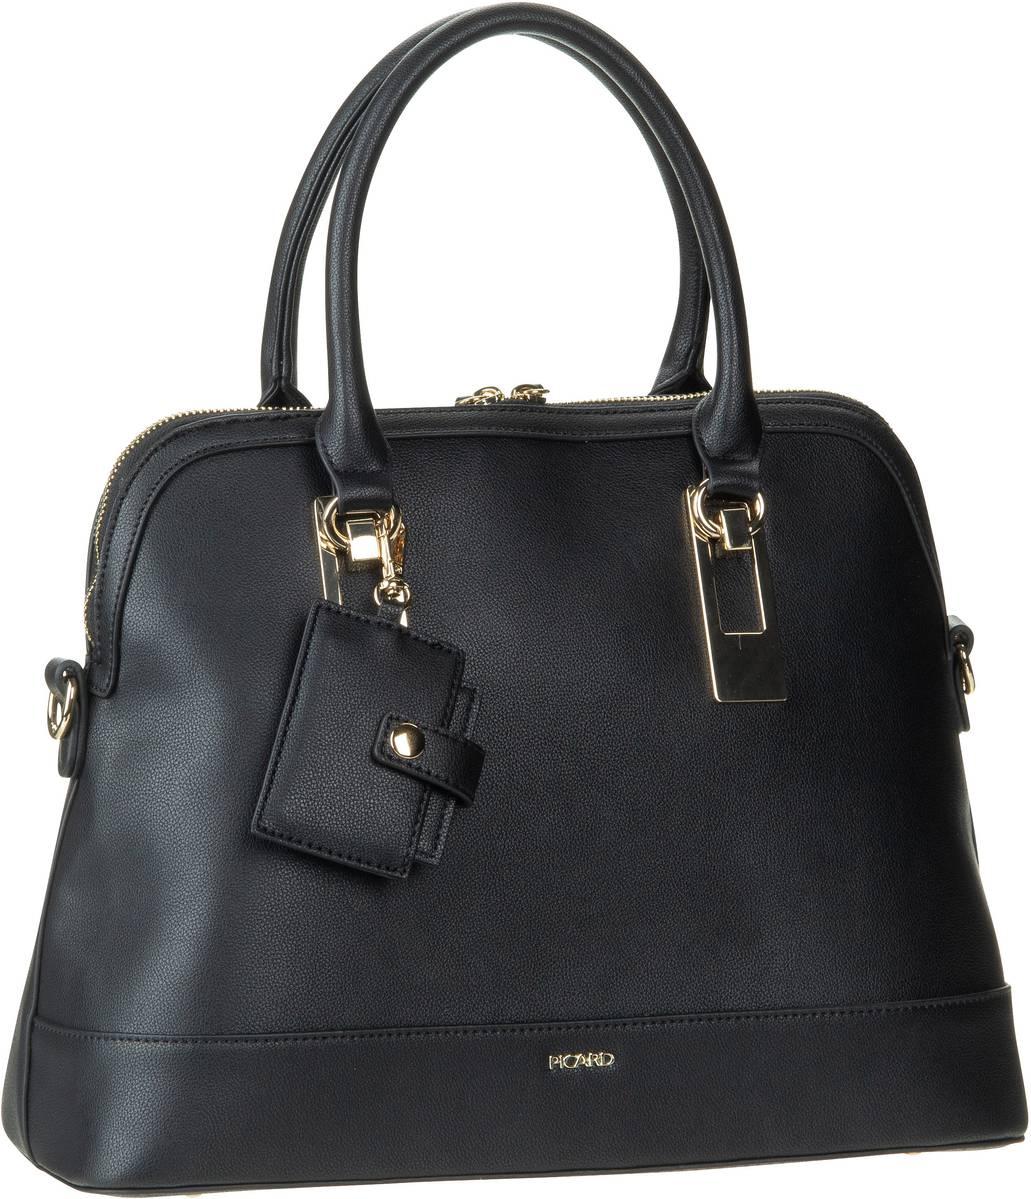 Handtasche Missis 2576 Schwarz